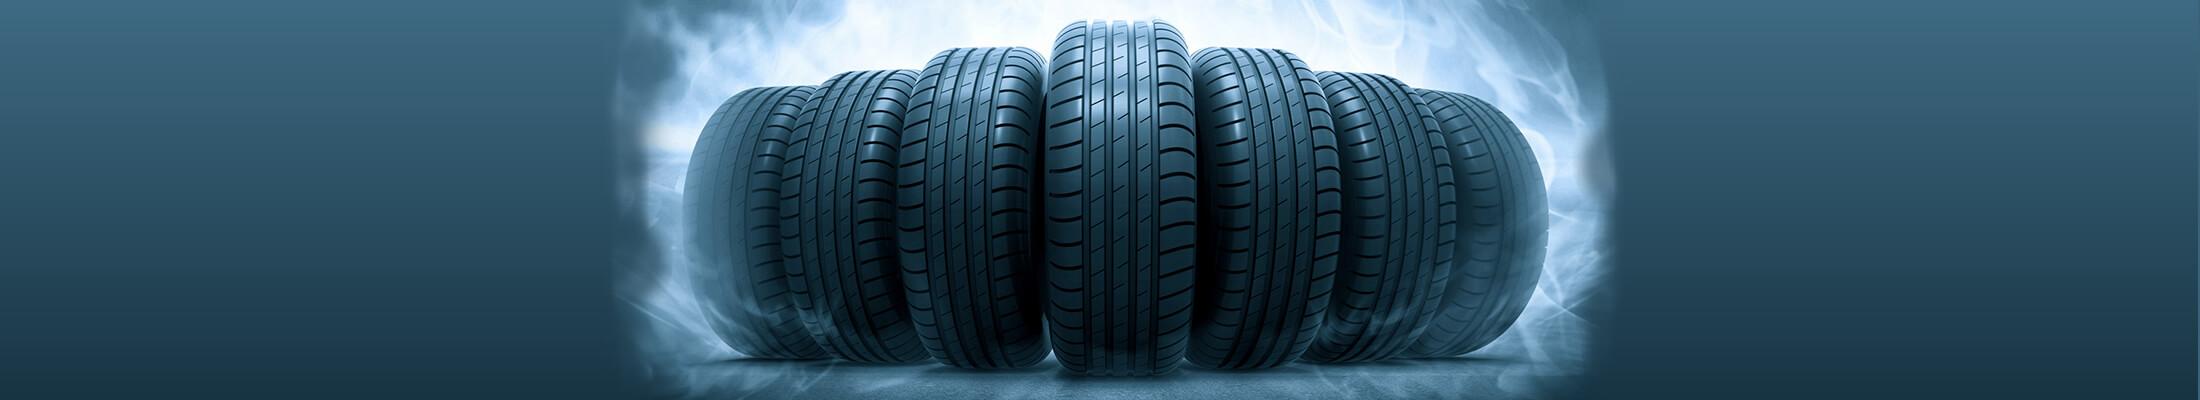 pneus-de-qualidade